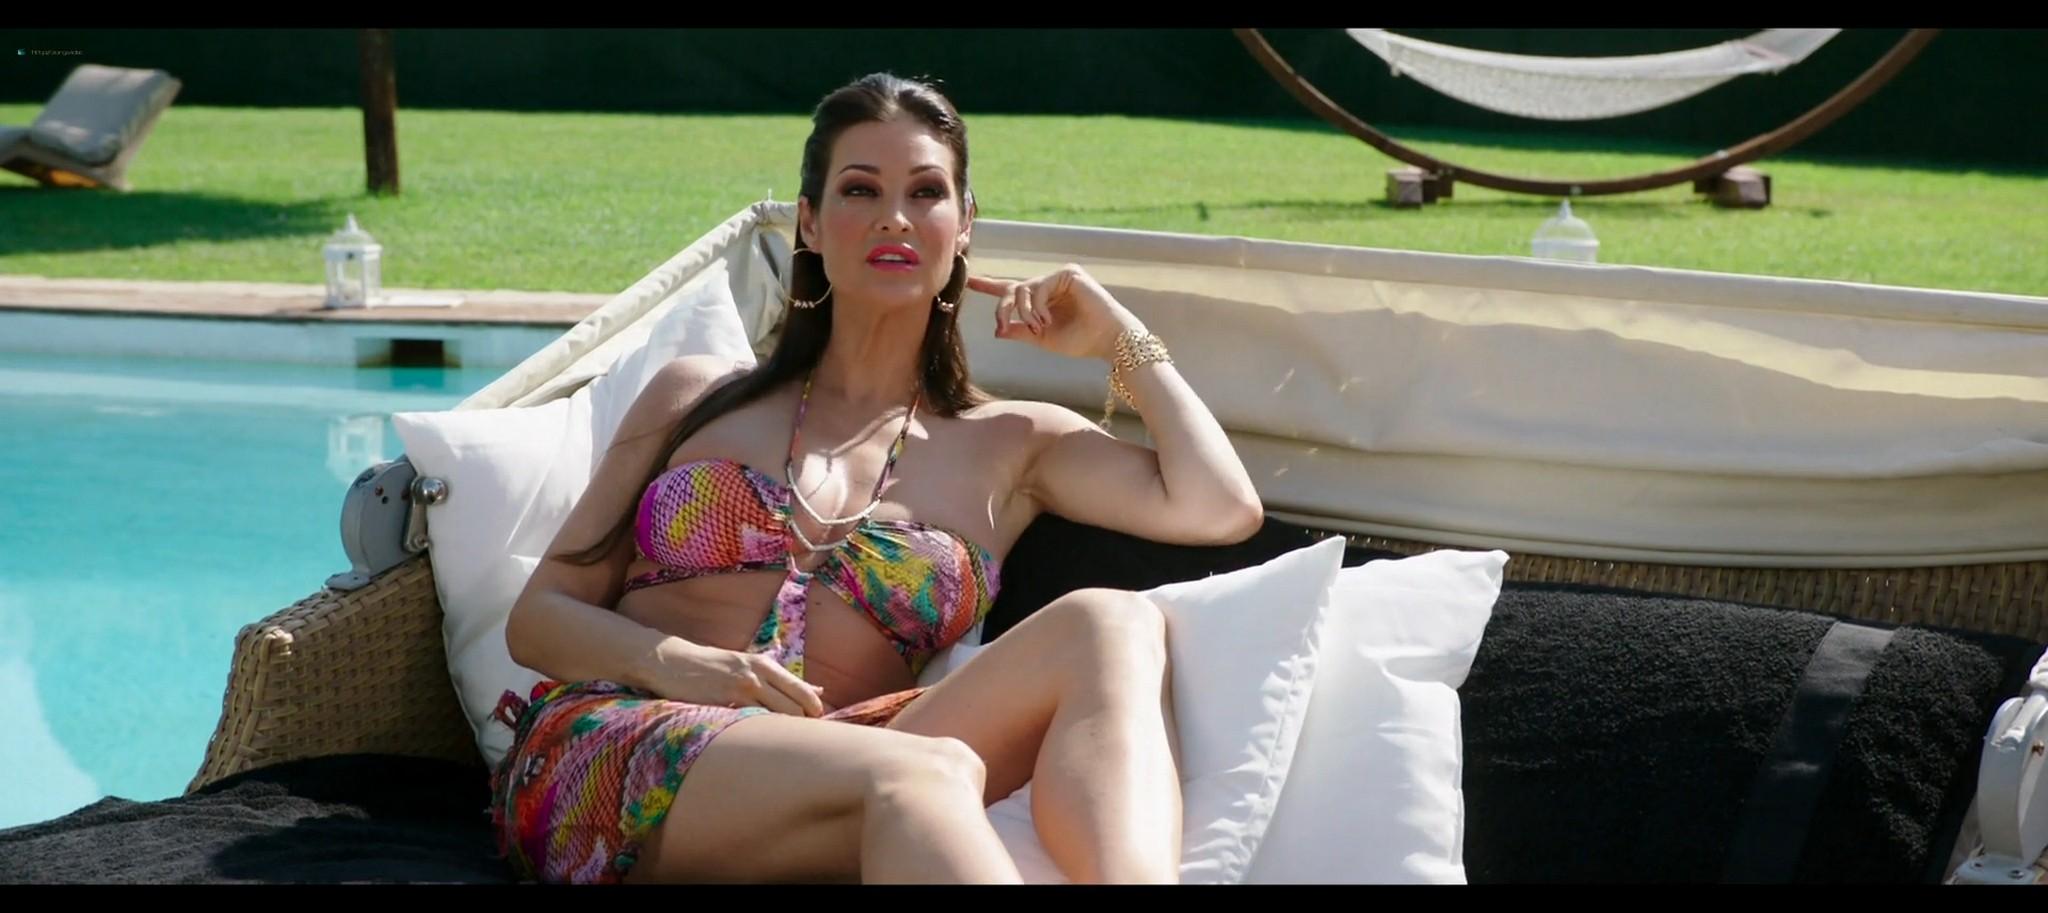 Manuela Arcuri hot bust Ria Antoniou sexy Non si ruba a casa dei ladri IT 2016 HD 1080p Web 005